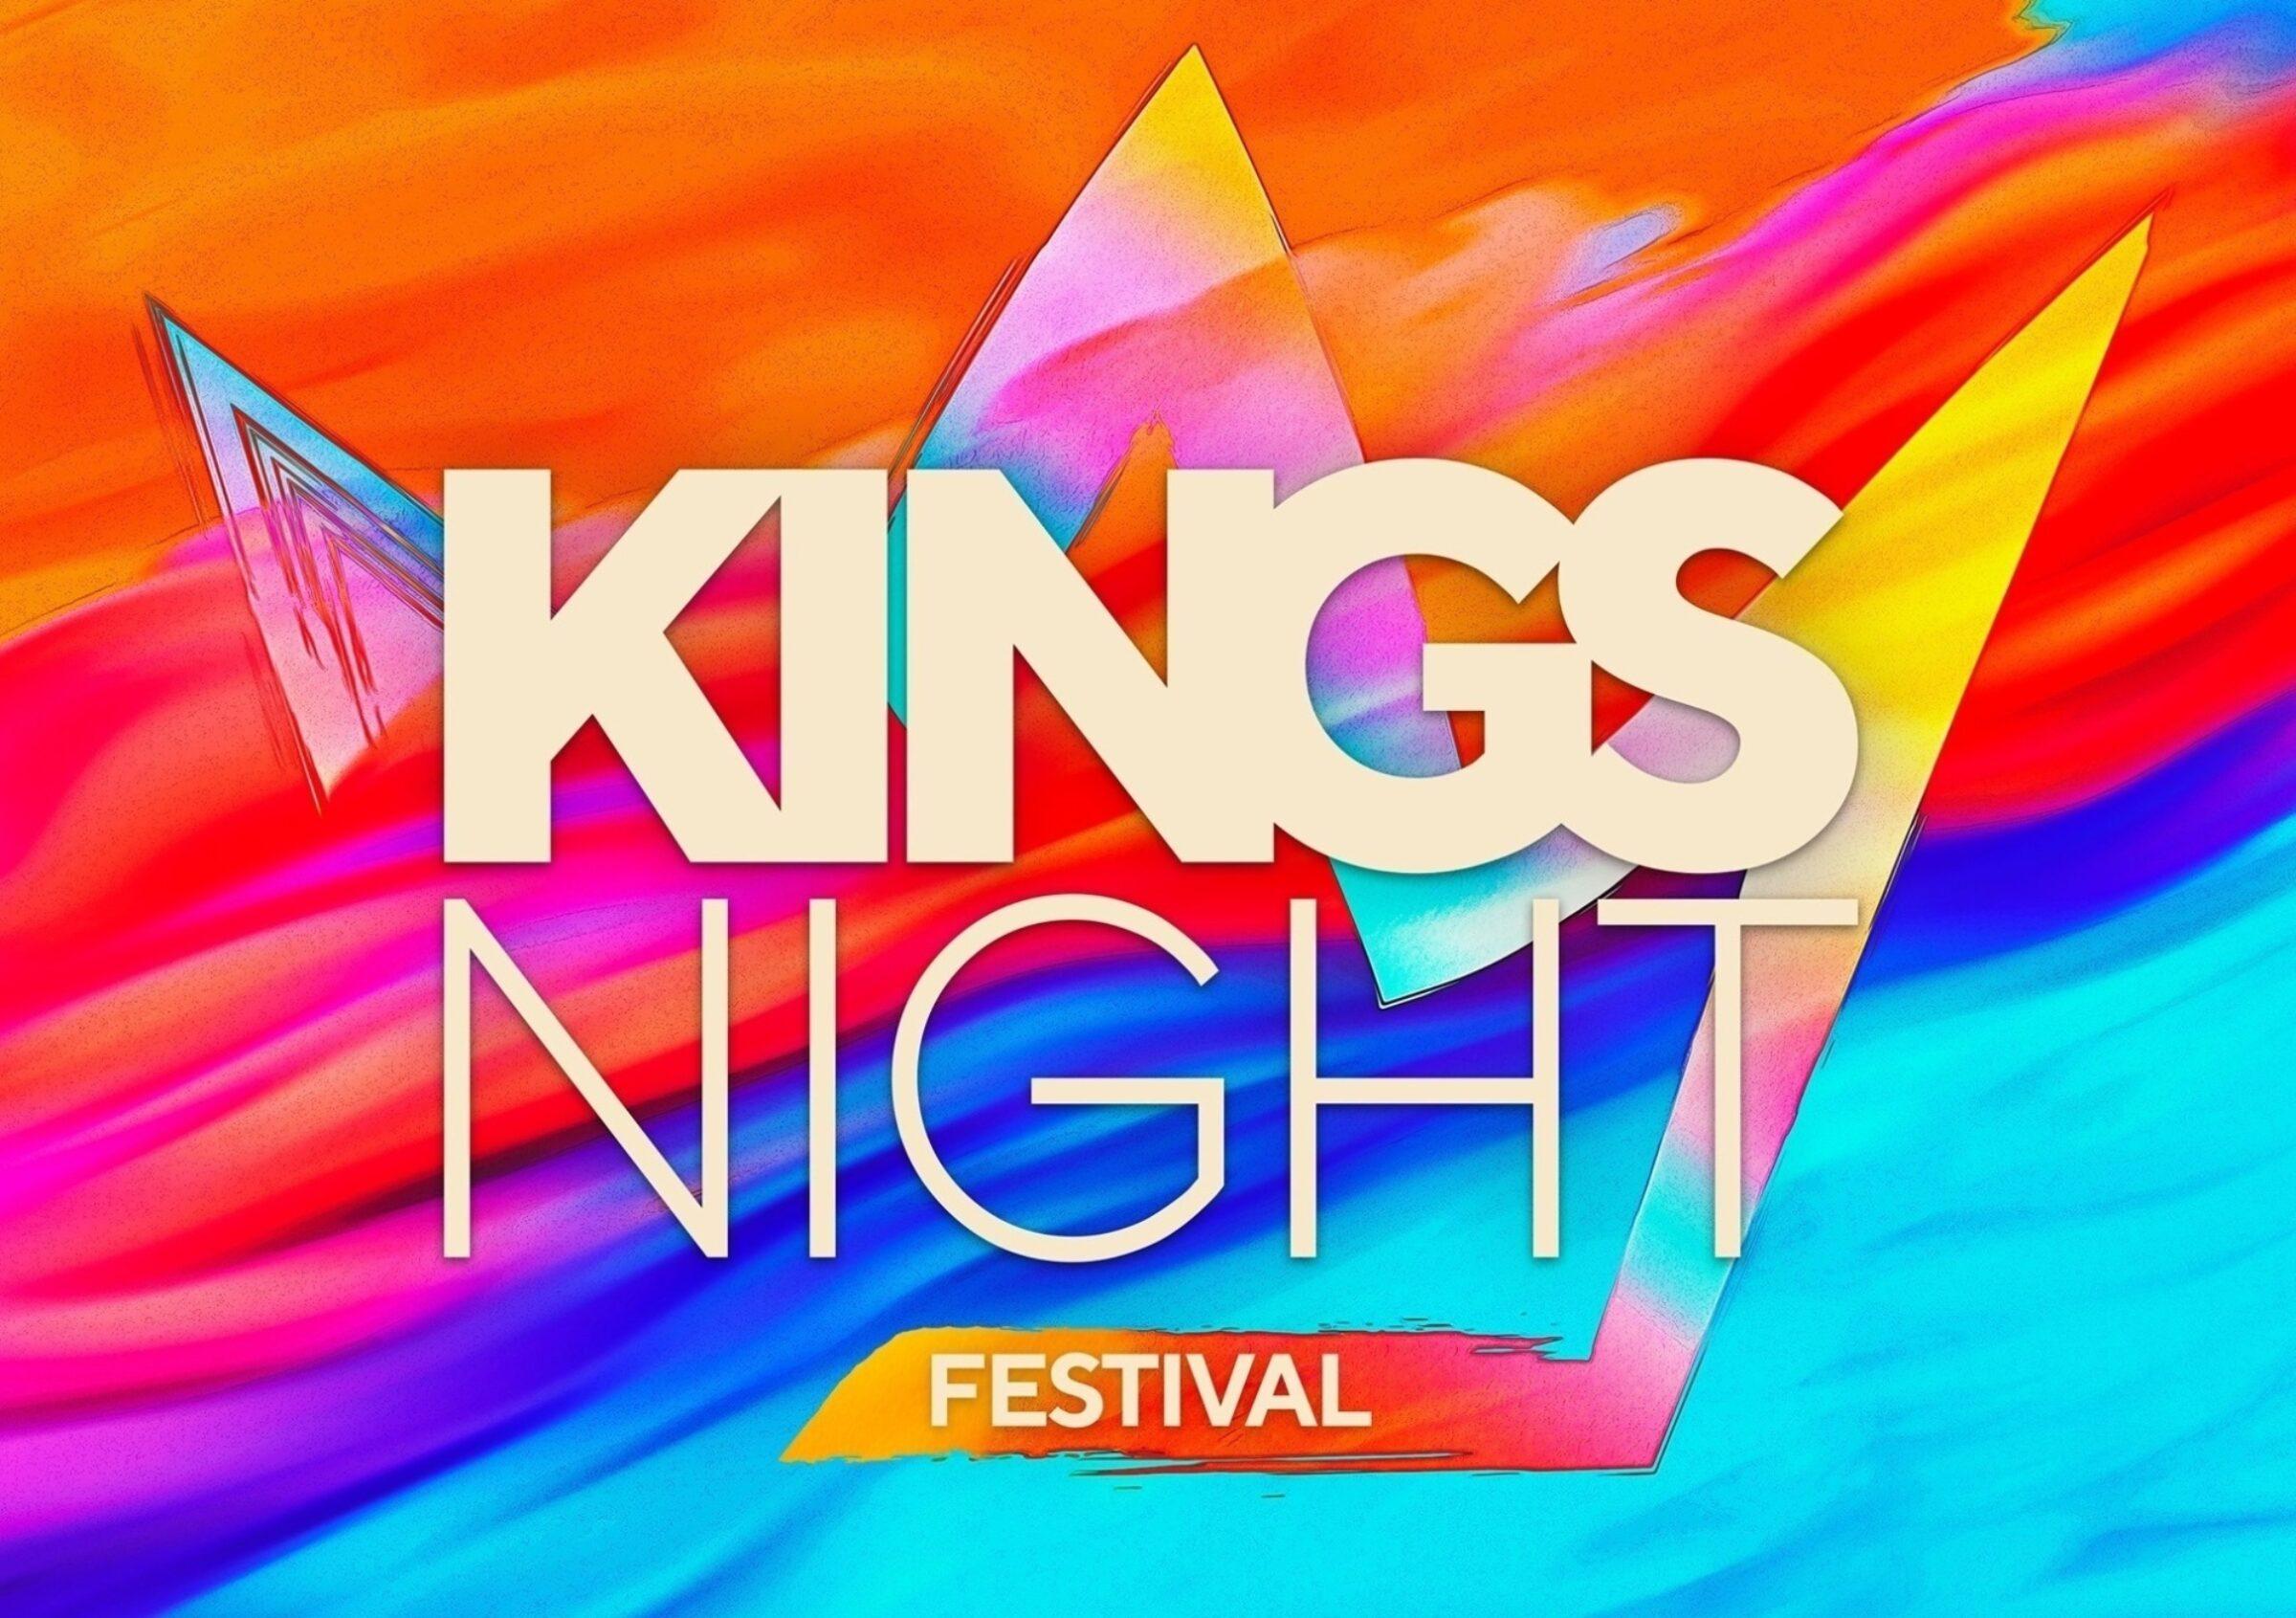 Kingsnight Festival Enschede 3873 1581086758 35i1y00k2w